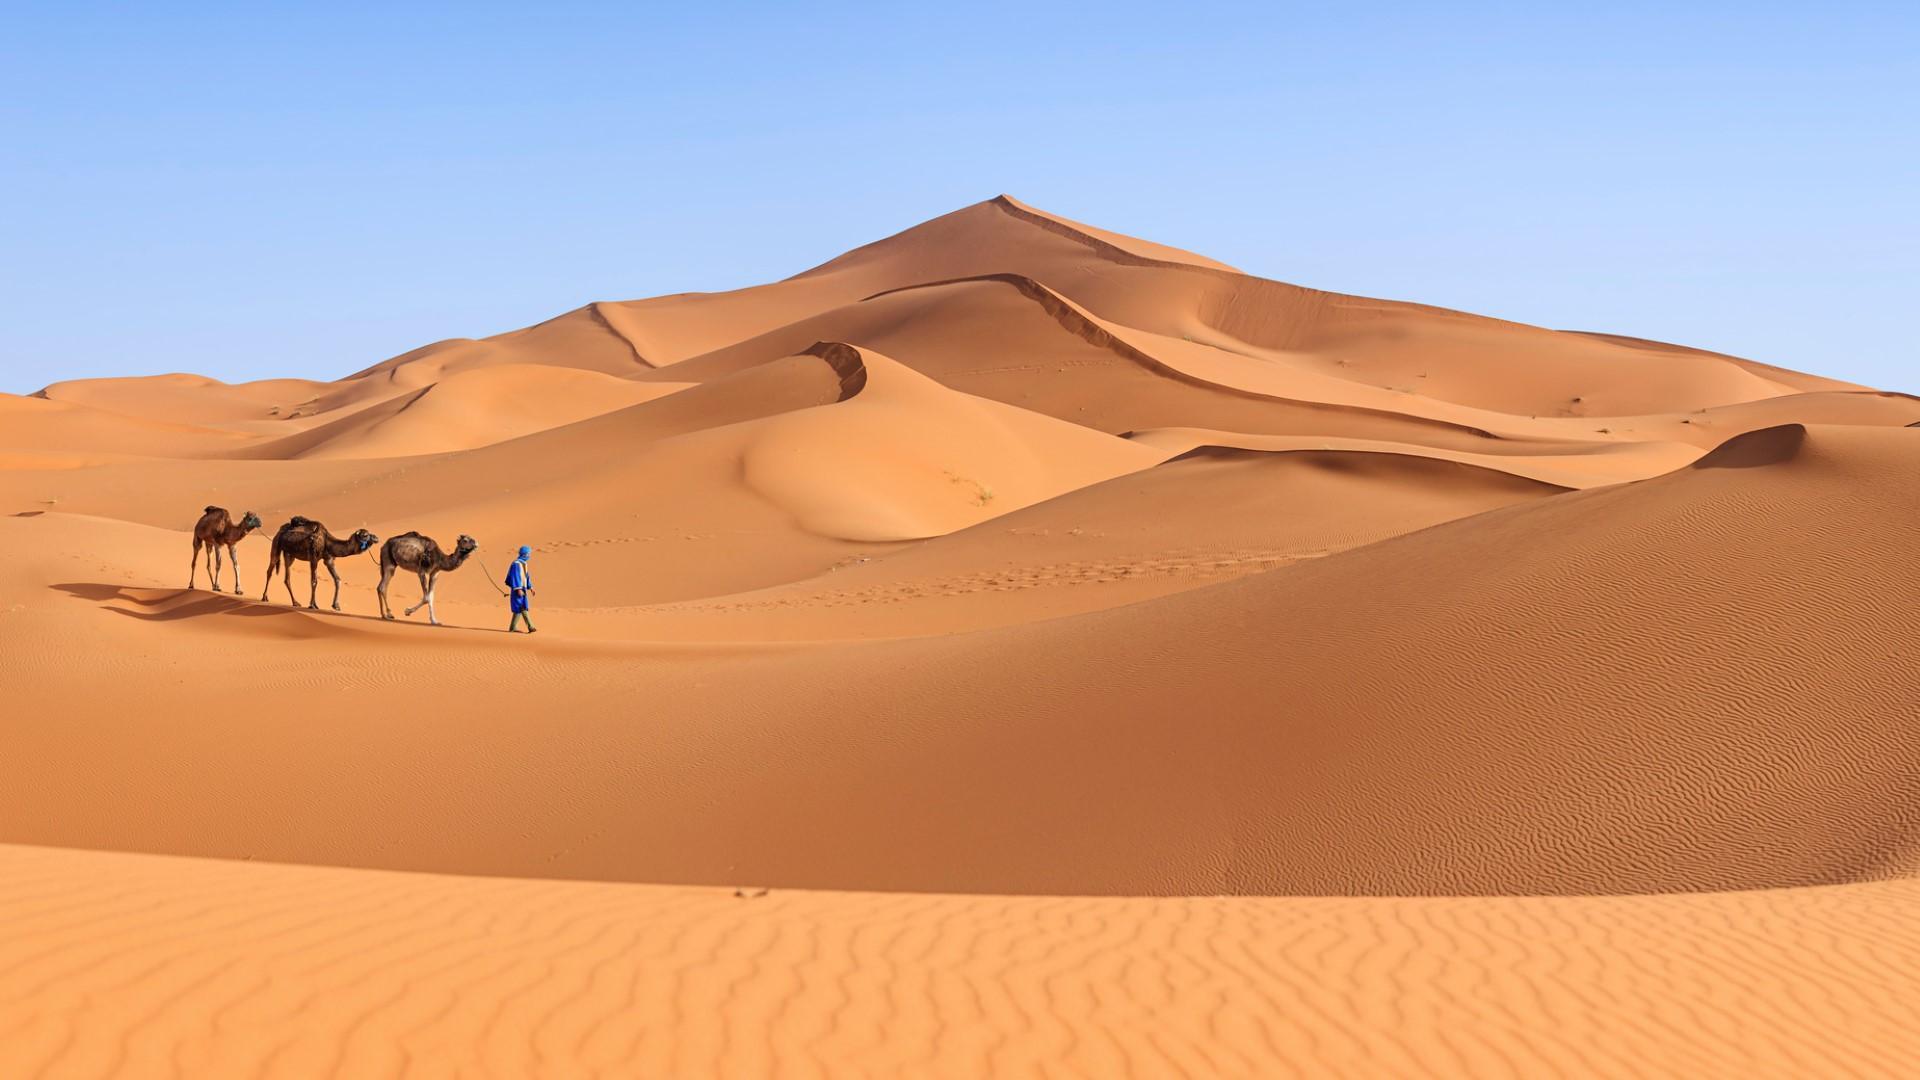 Deserti lo spettacolo di dune e sabbia tgcom24 for I piu fighi del mondo